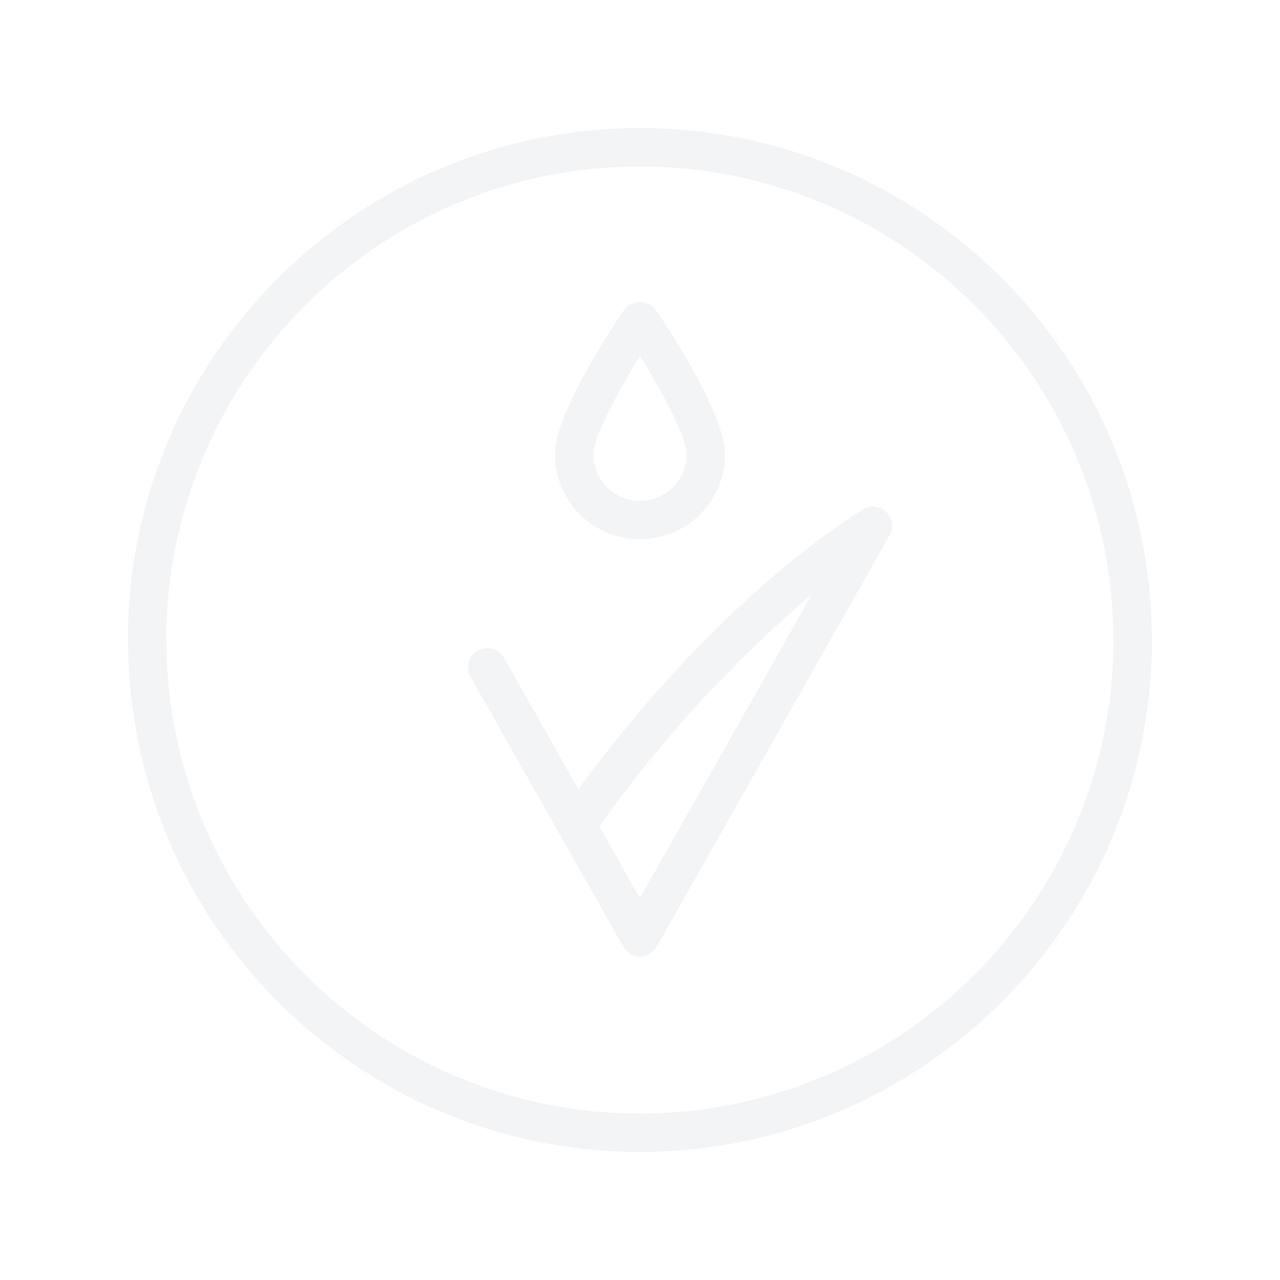 CLINIQUE Great Skin Starts Here Gift Set подарочный набор